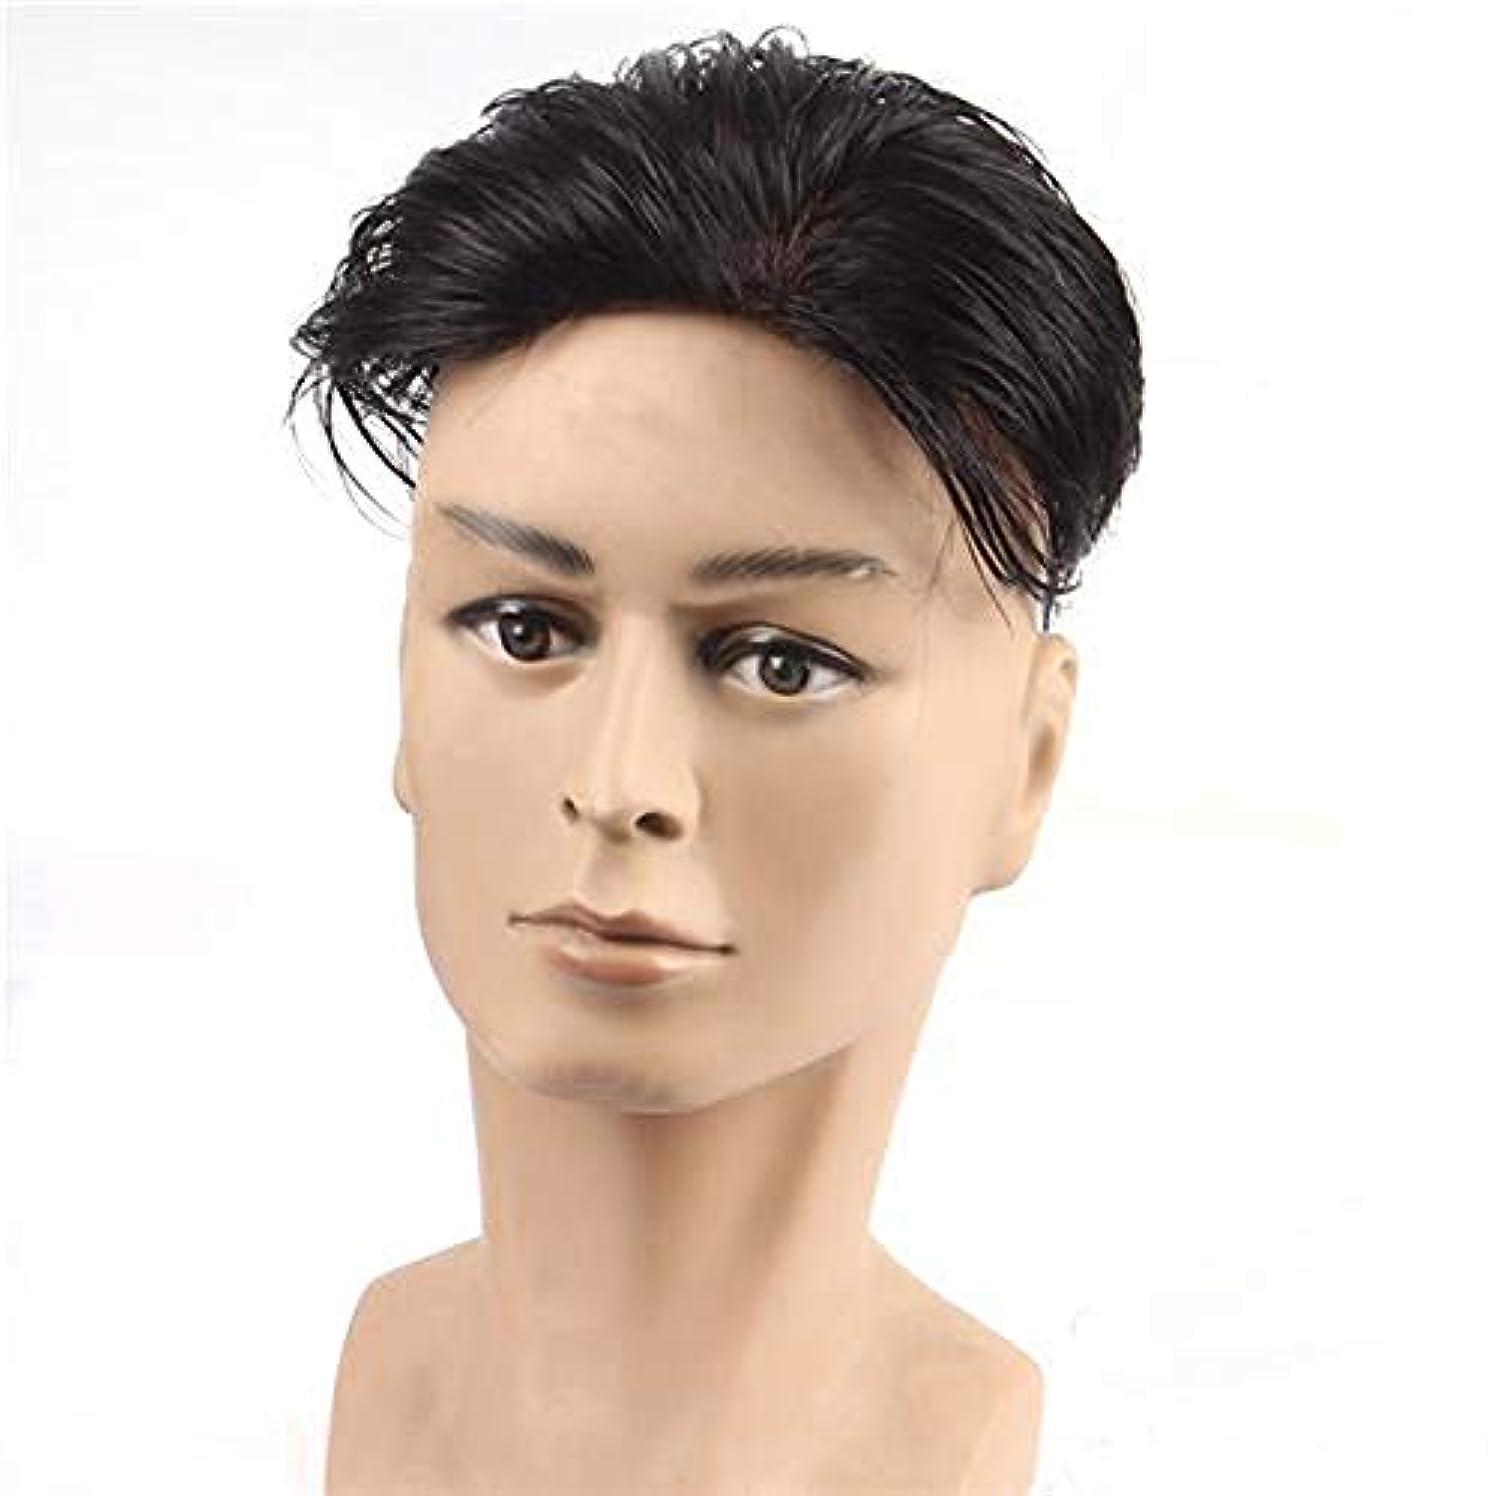 ペン手当平行YOUQIU 黒人男性ガイショートレイヤーカーリー波状のアニメのコスプレパーティーの髪カツラウィッグ (色 : Natural black, サイズ : 18x20)